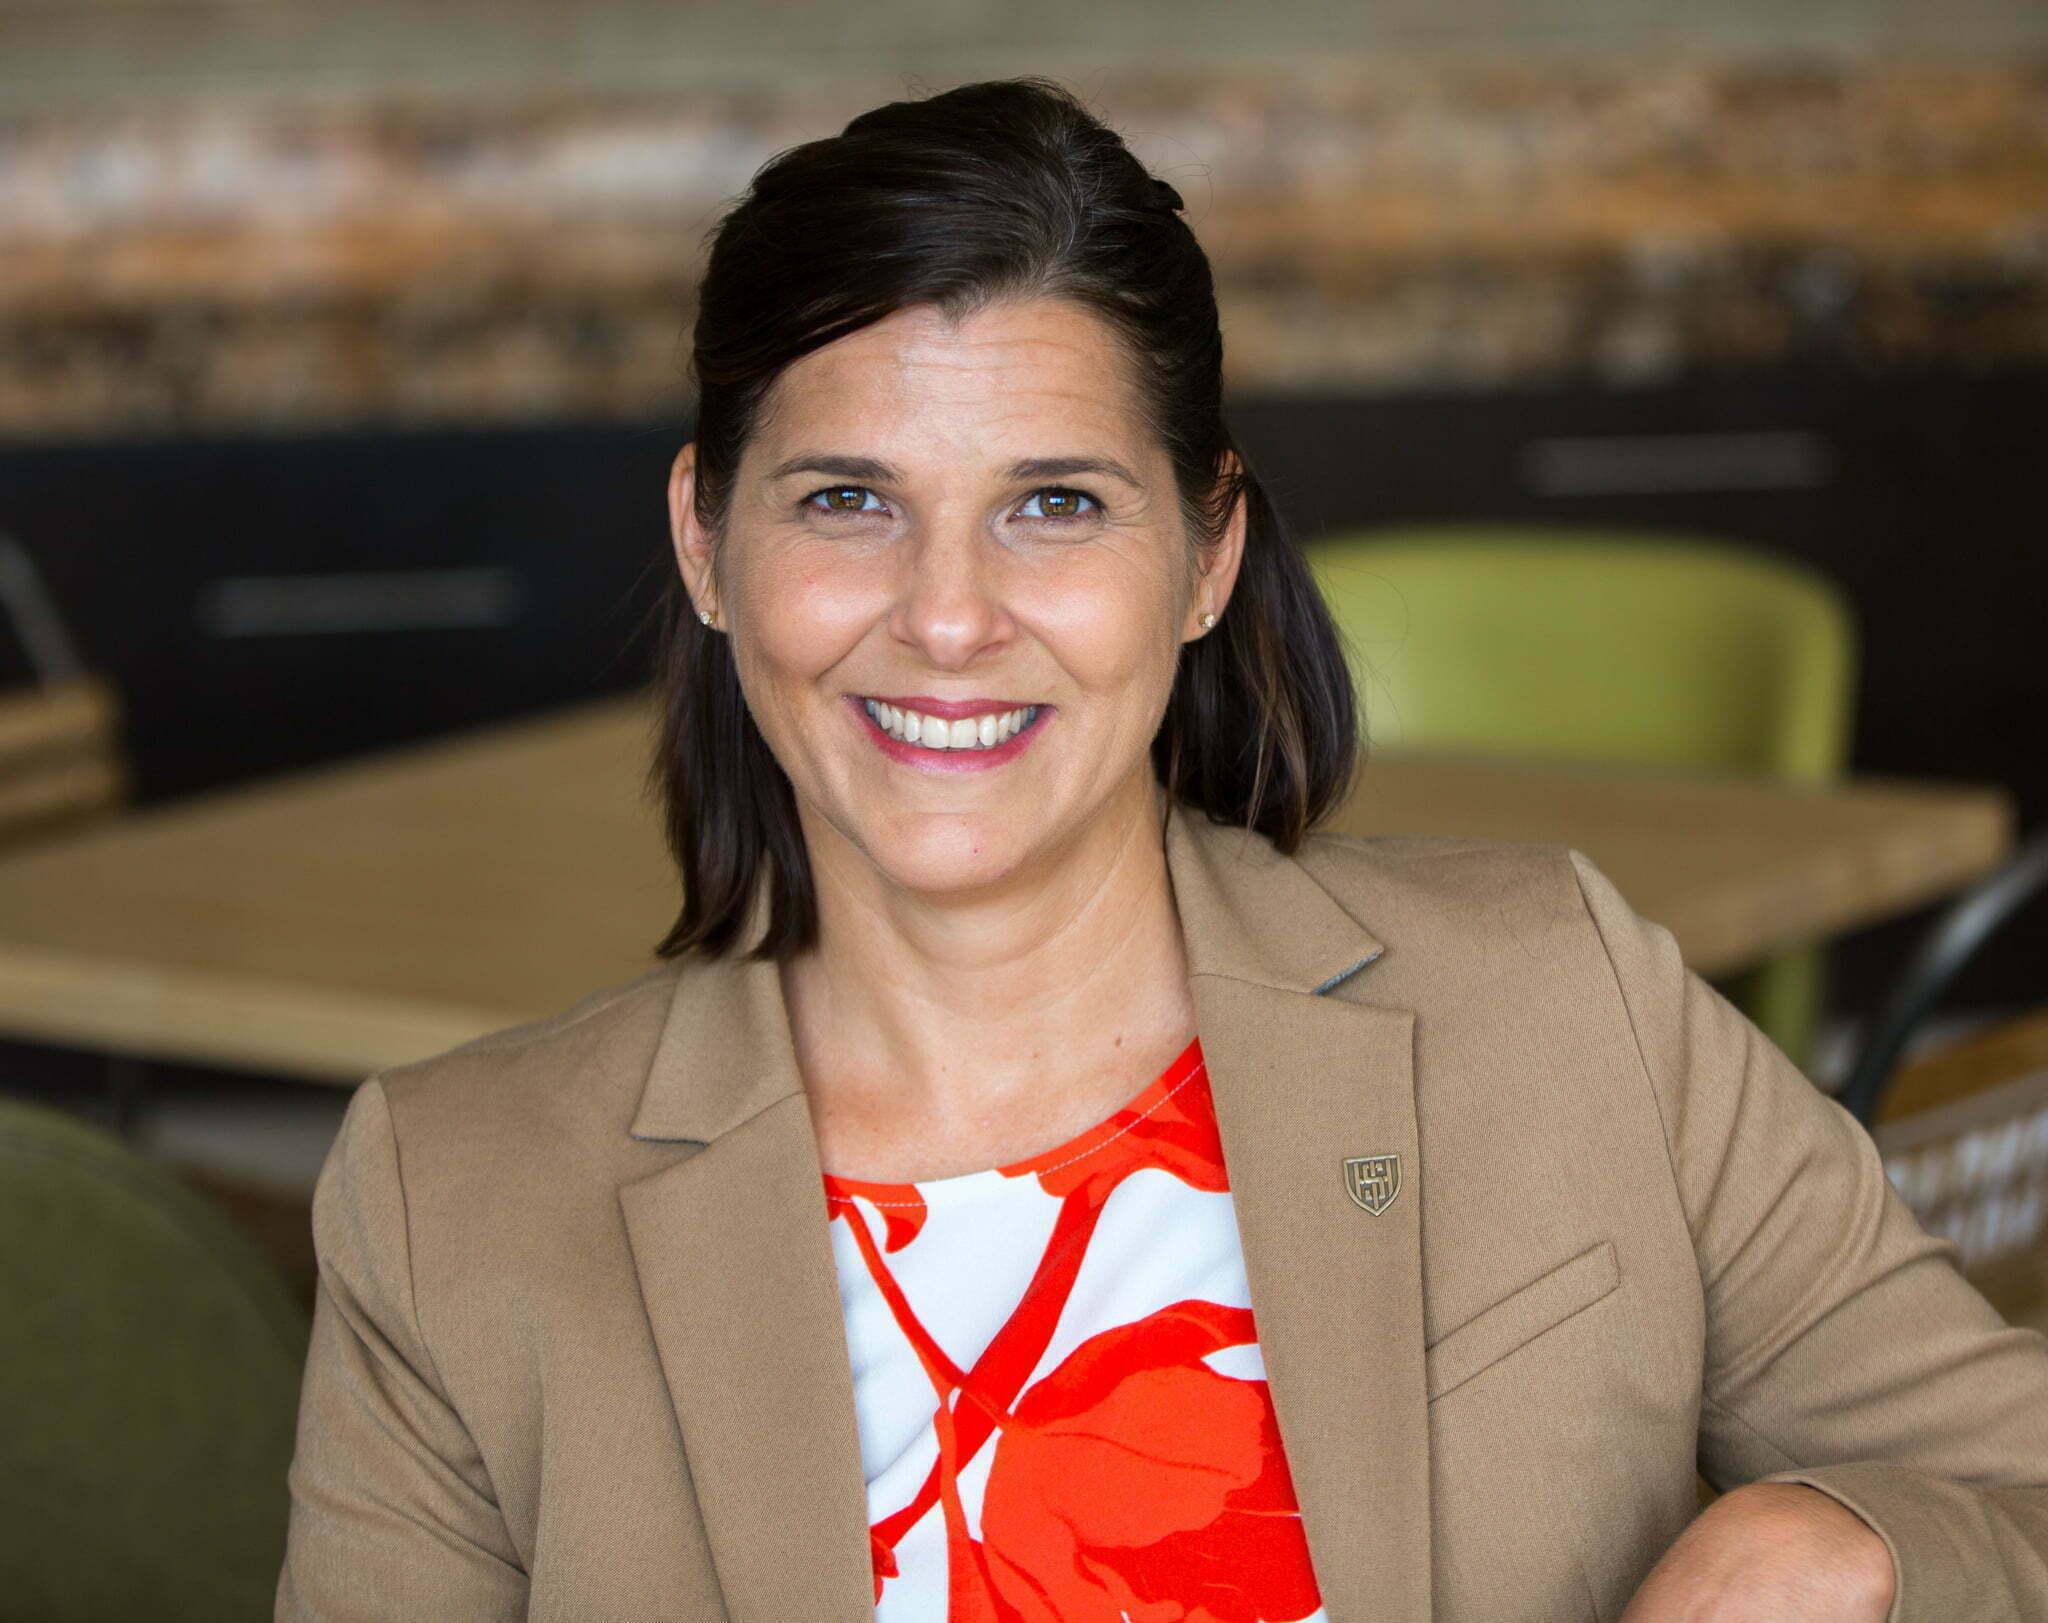 Cristine Morgan